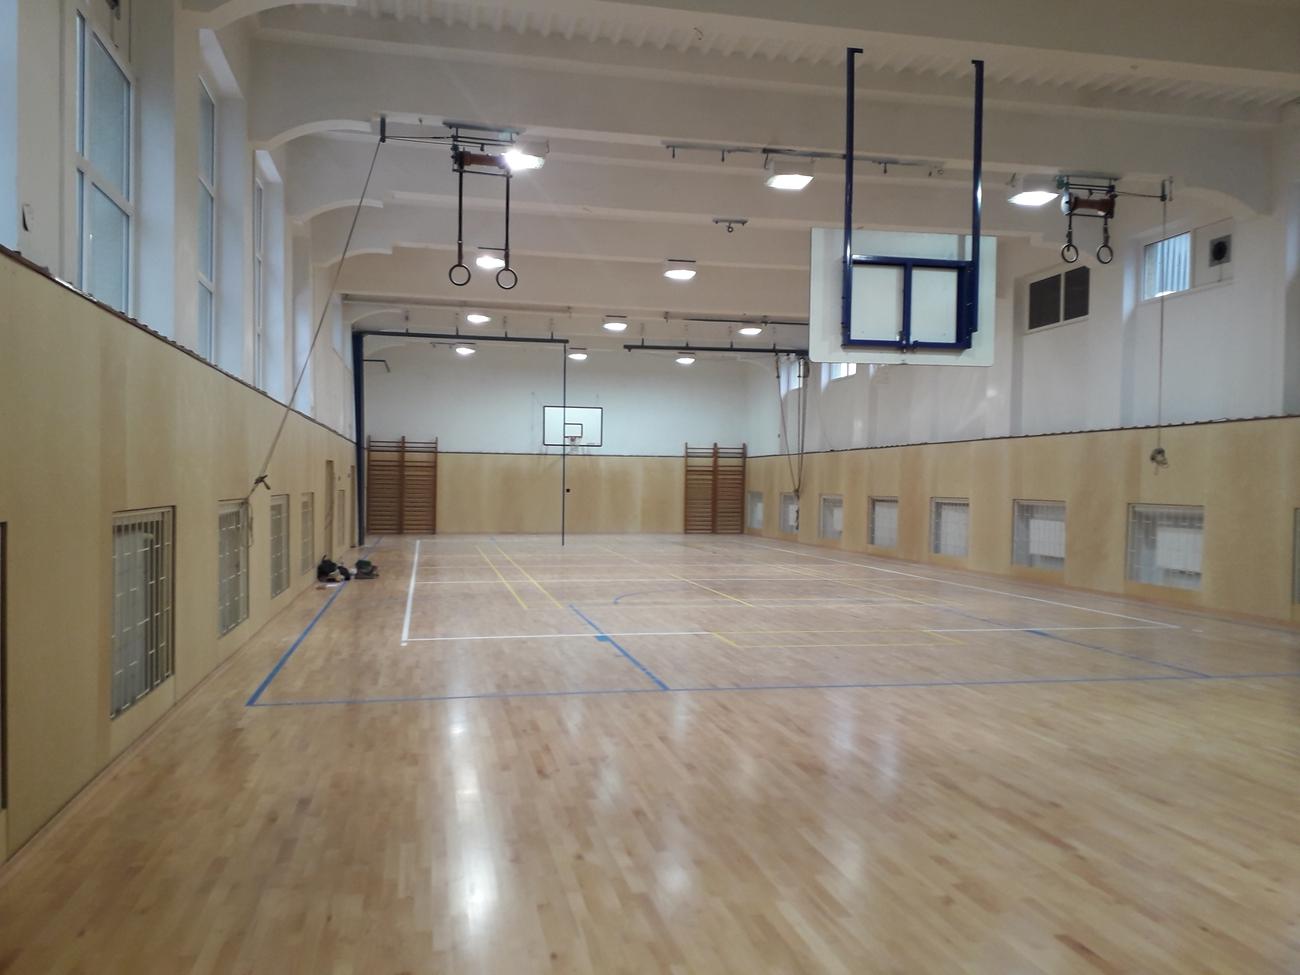 Mesto zrekonštruovalo ďalšiu školskú telocvičňu - V Základnej škole na Ul. S. Chalupku v Prievidzi